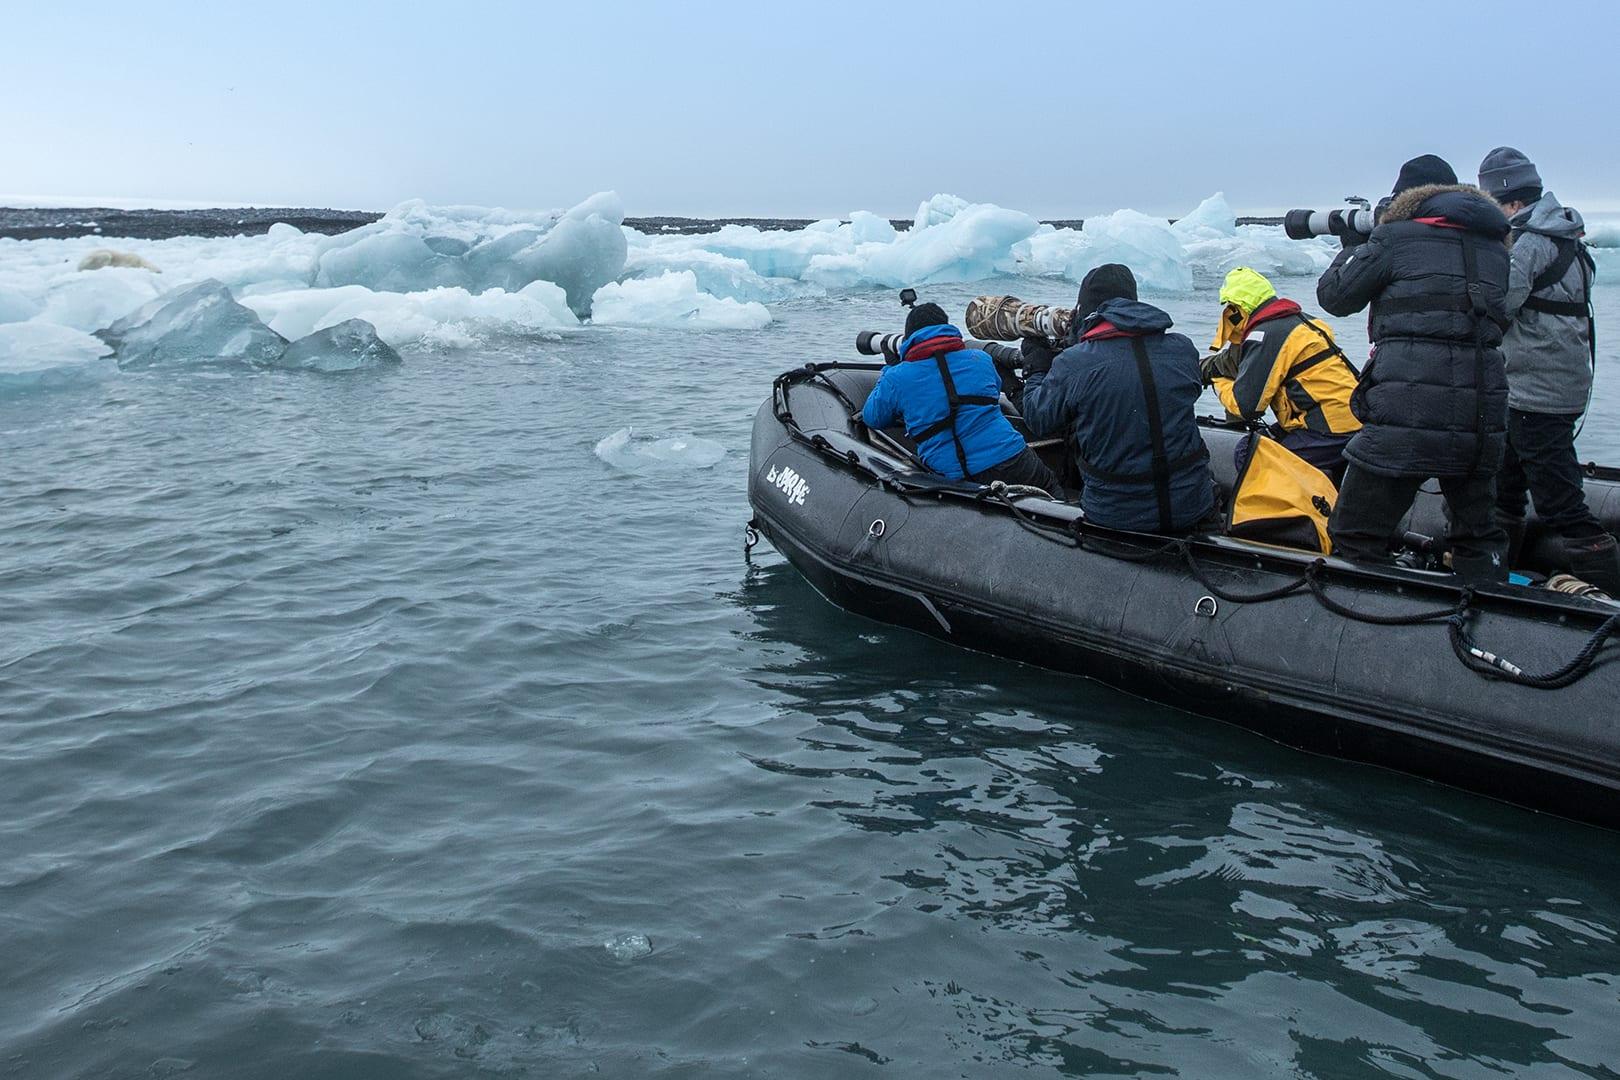 من عيون مصور كويتي.. أرخبيل قطبي يزيد فيها عدد الدببة عن سكانها